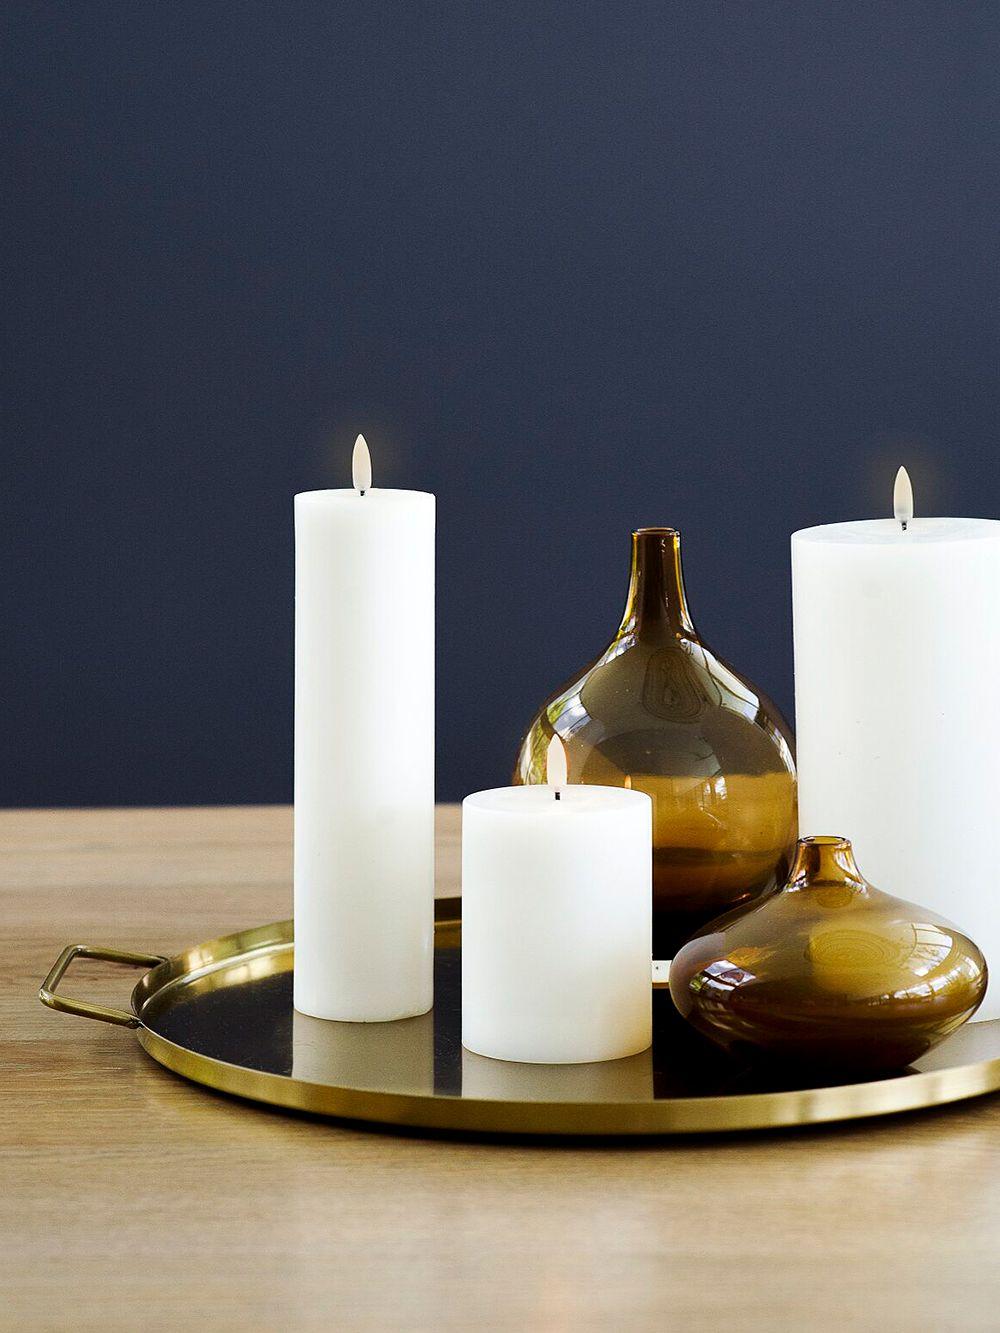 Flameless LED candles by Uyuni